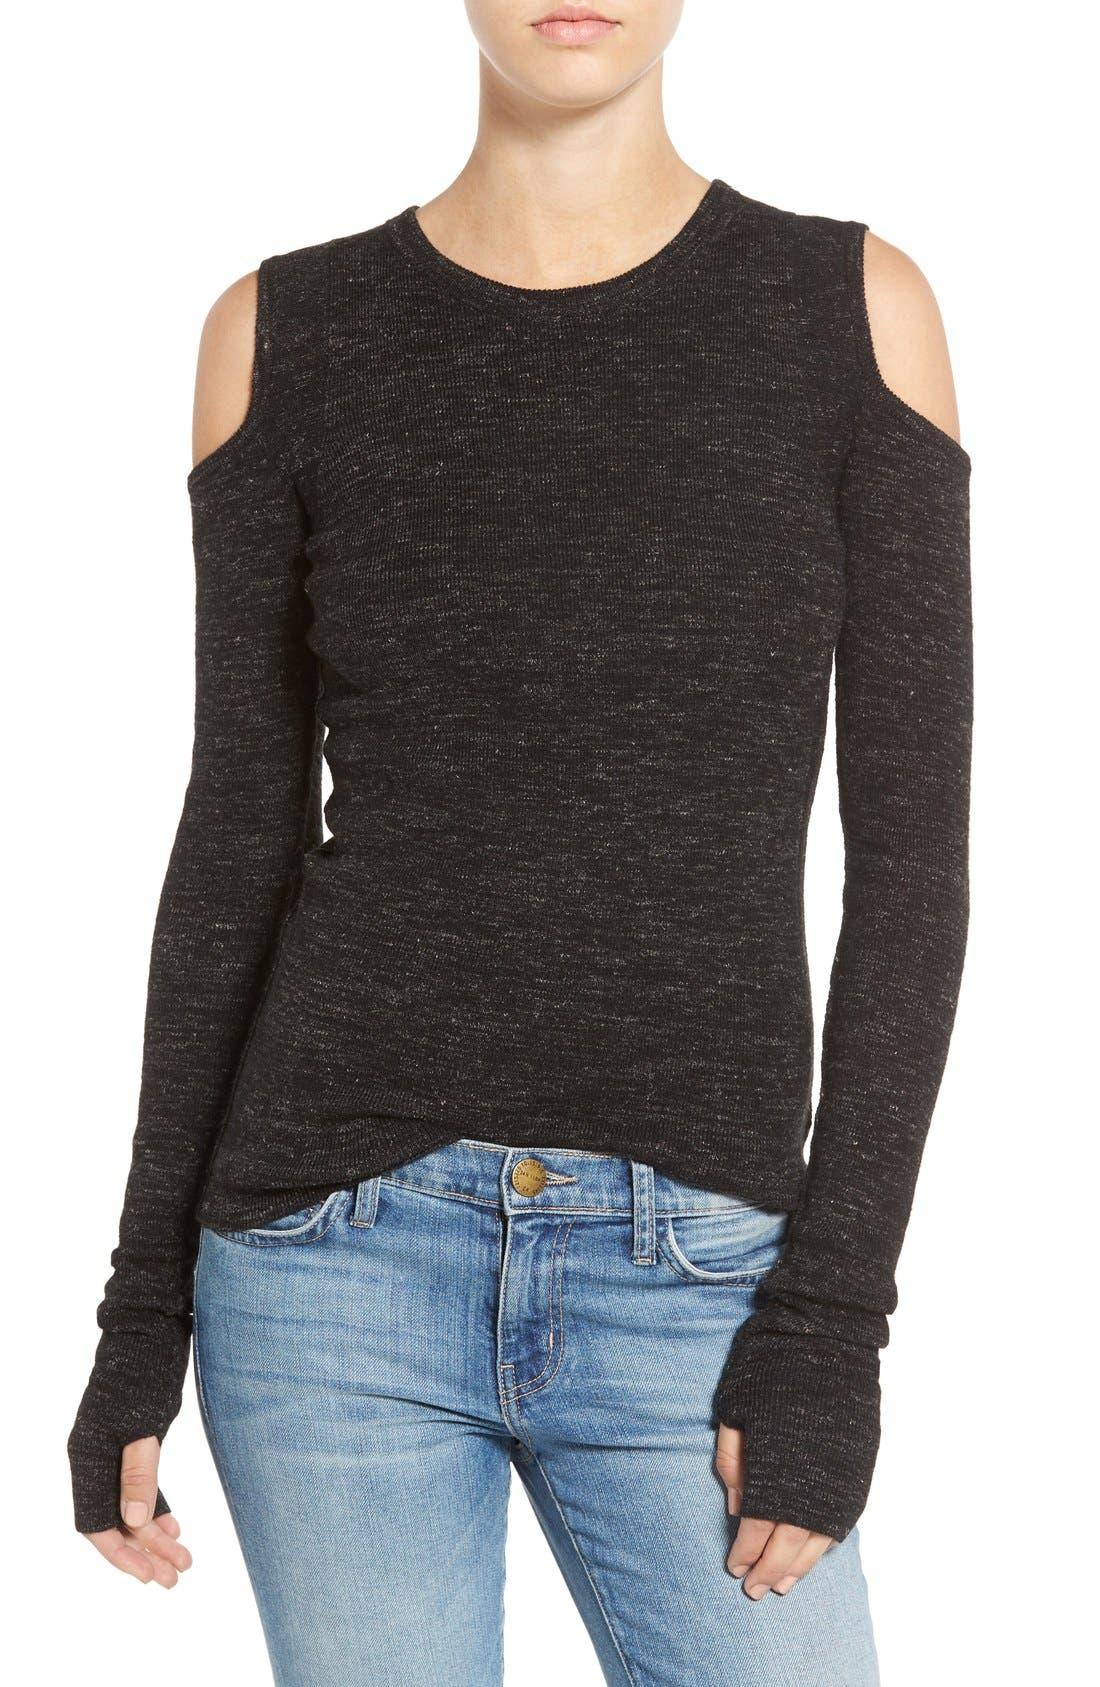 Main Image - Current/Elliott 'The Mélange' Cold Shoulder Sweater